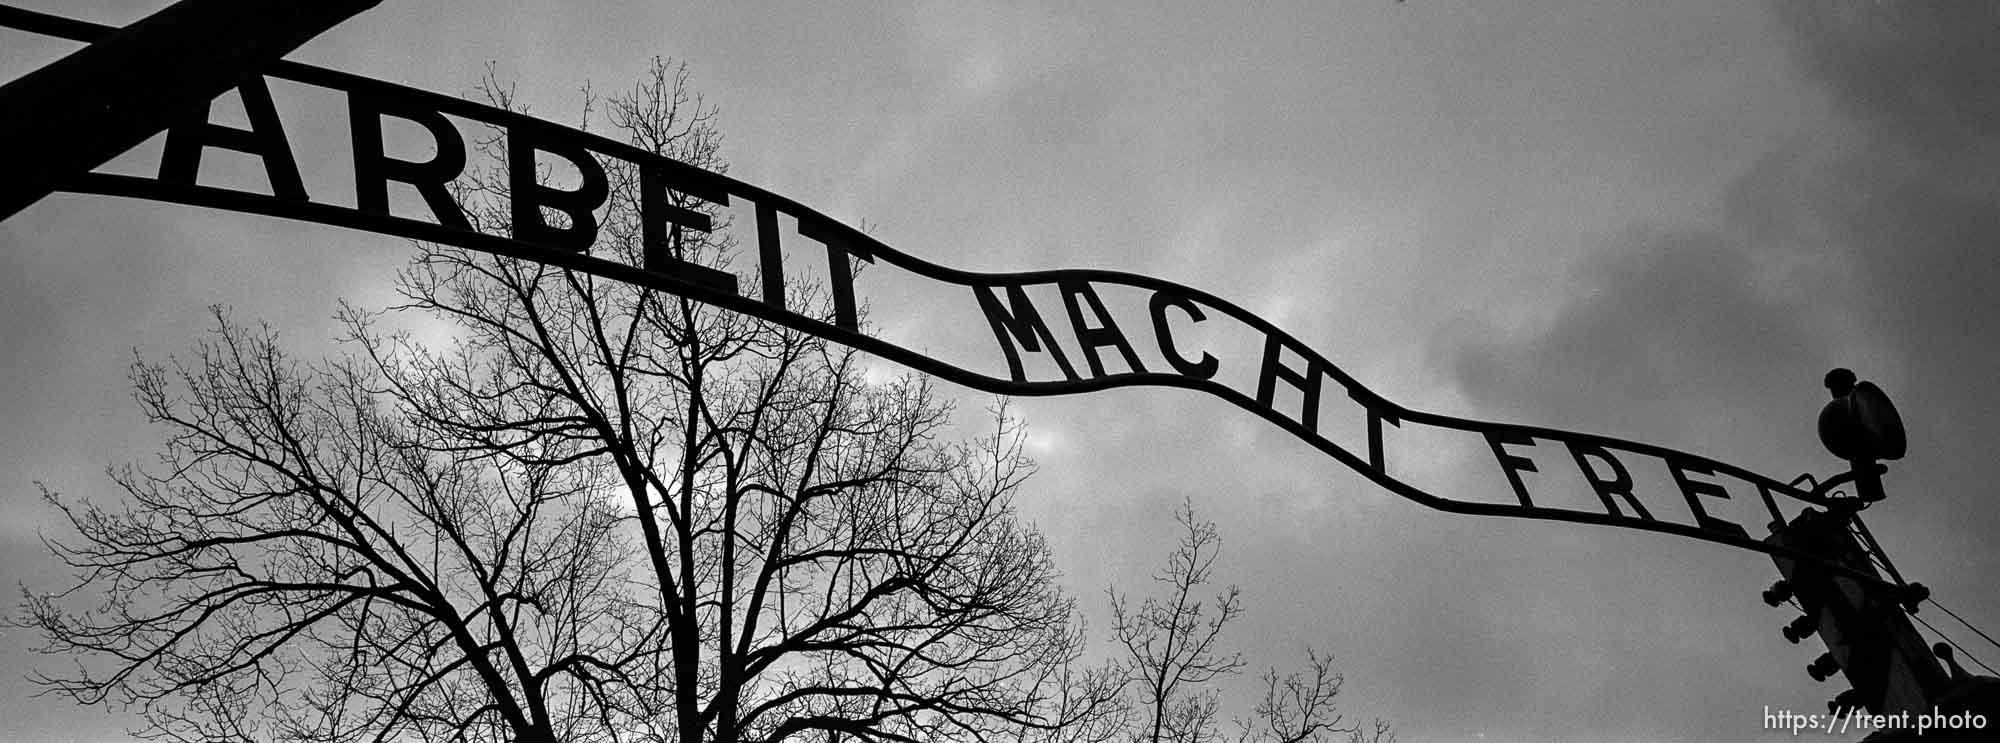 Arbeit Mact Frei sign. Auschwitz/Birkenau